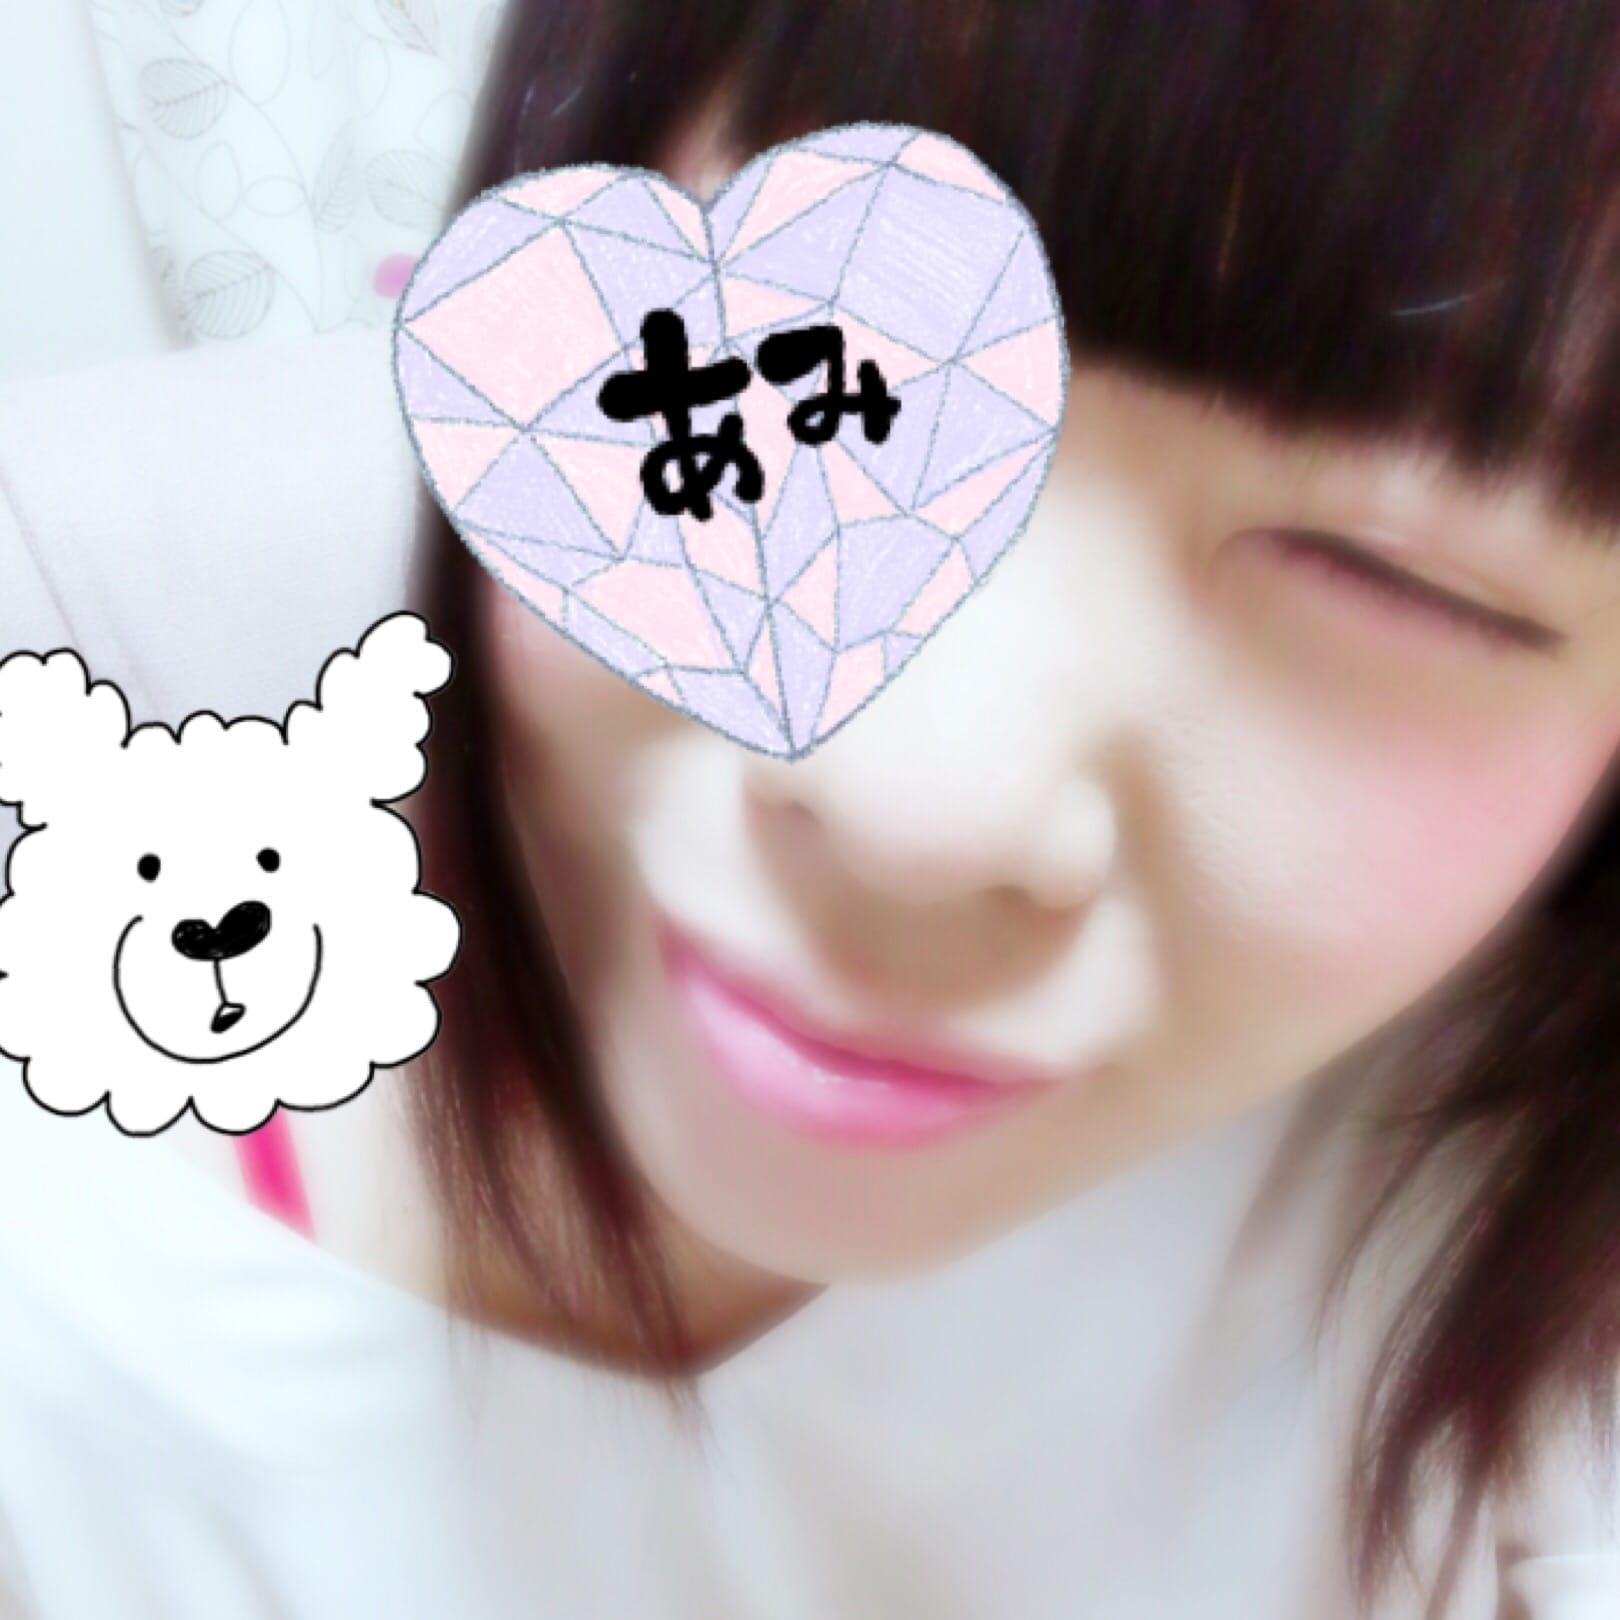 「こんにちは!」10/16(月) 14:12   あみの写メ・風俗動画